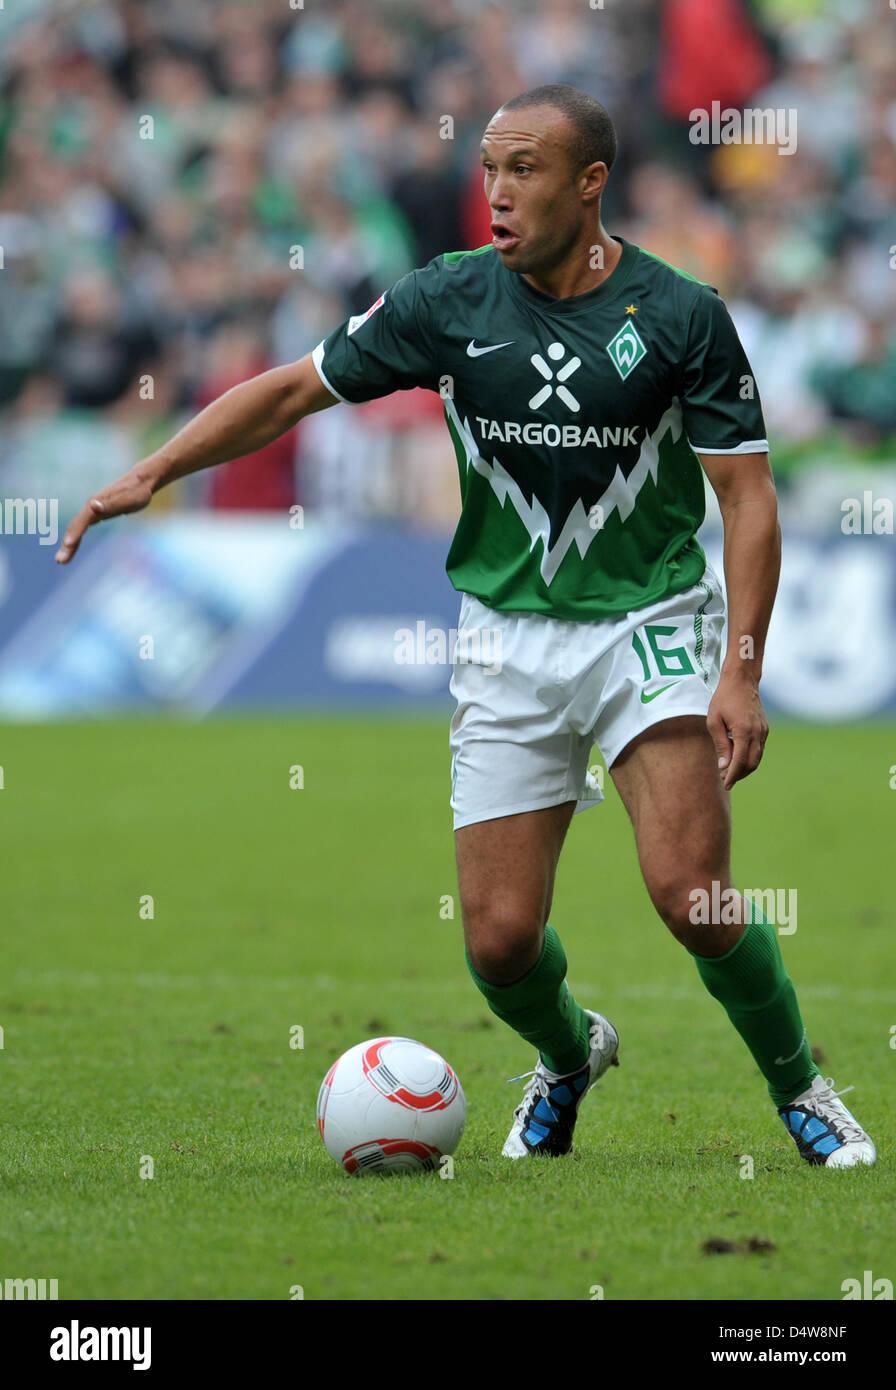 Fu§ball Bundesliga 4. Spieltag: Werder Bremen - FSV Mainz 05 am Samstag (18.09.2010) im Weserstadion in Bremen. - Stock Image